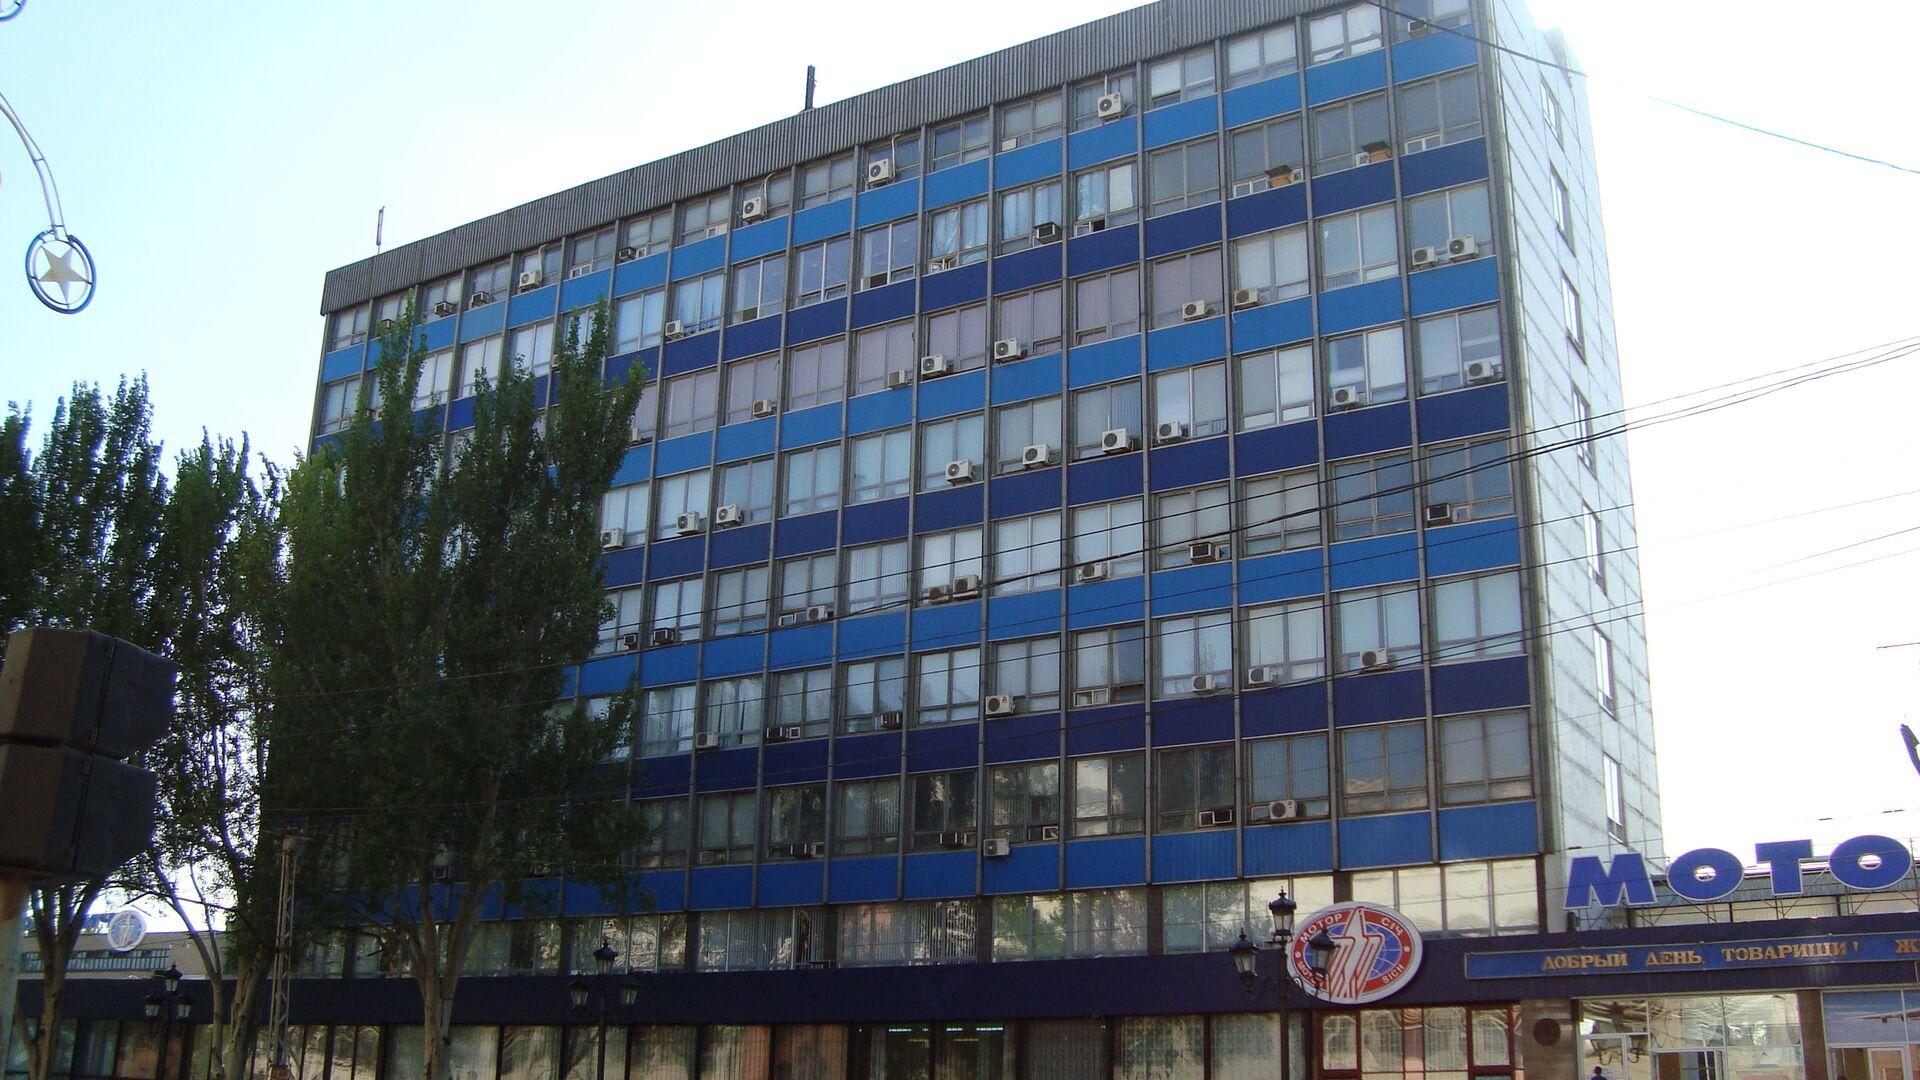 Административное здание предприятия «Мотор Сич», расположеное на юго-востоке Украины в городе Запорожье - РИА Новости, 1920, 20.03.2021